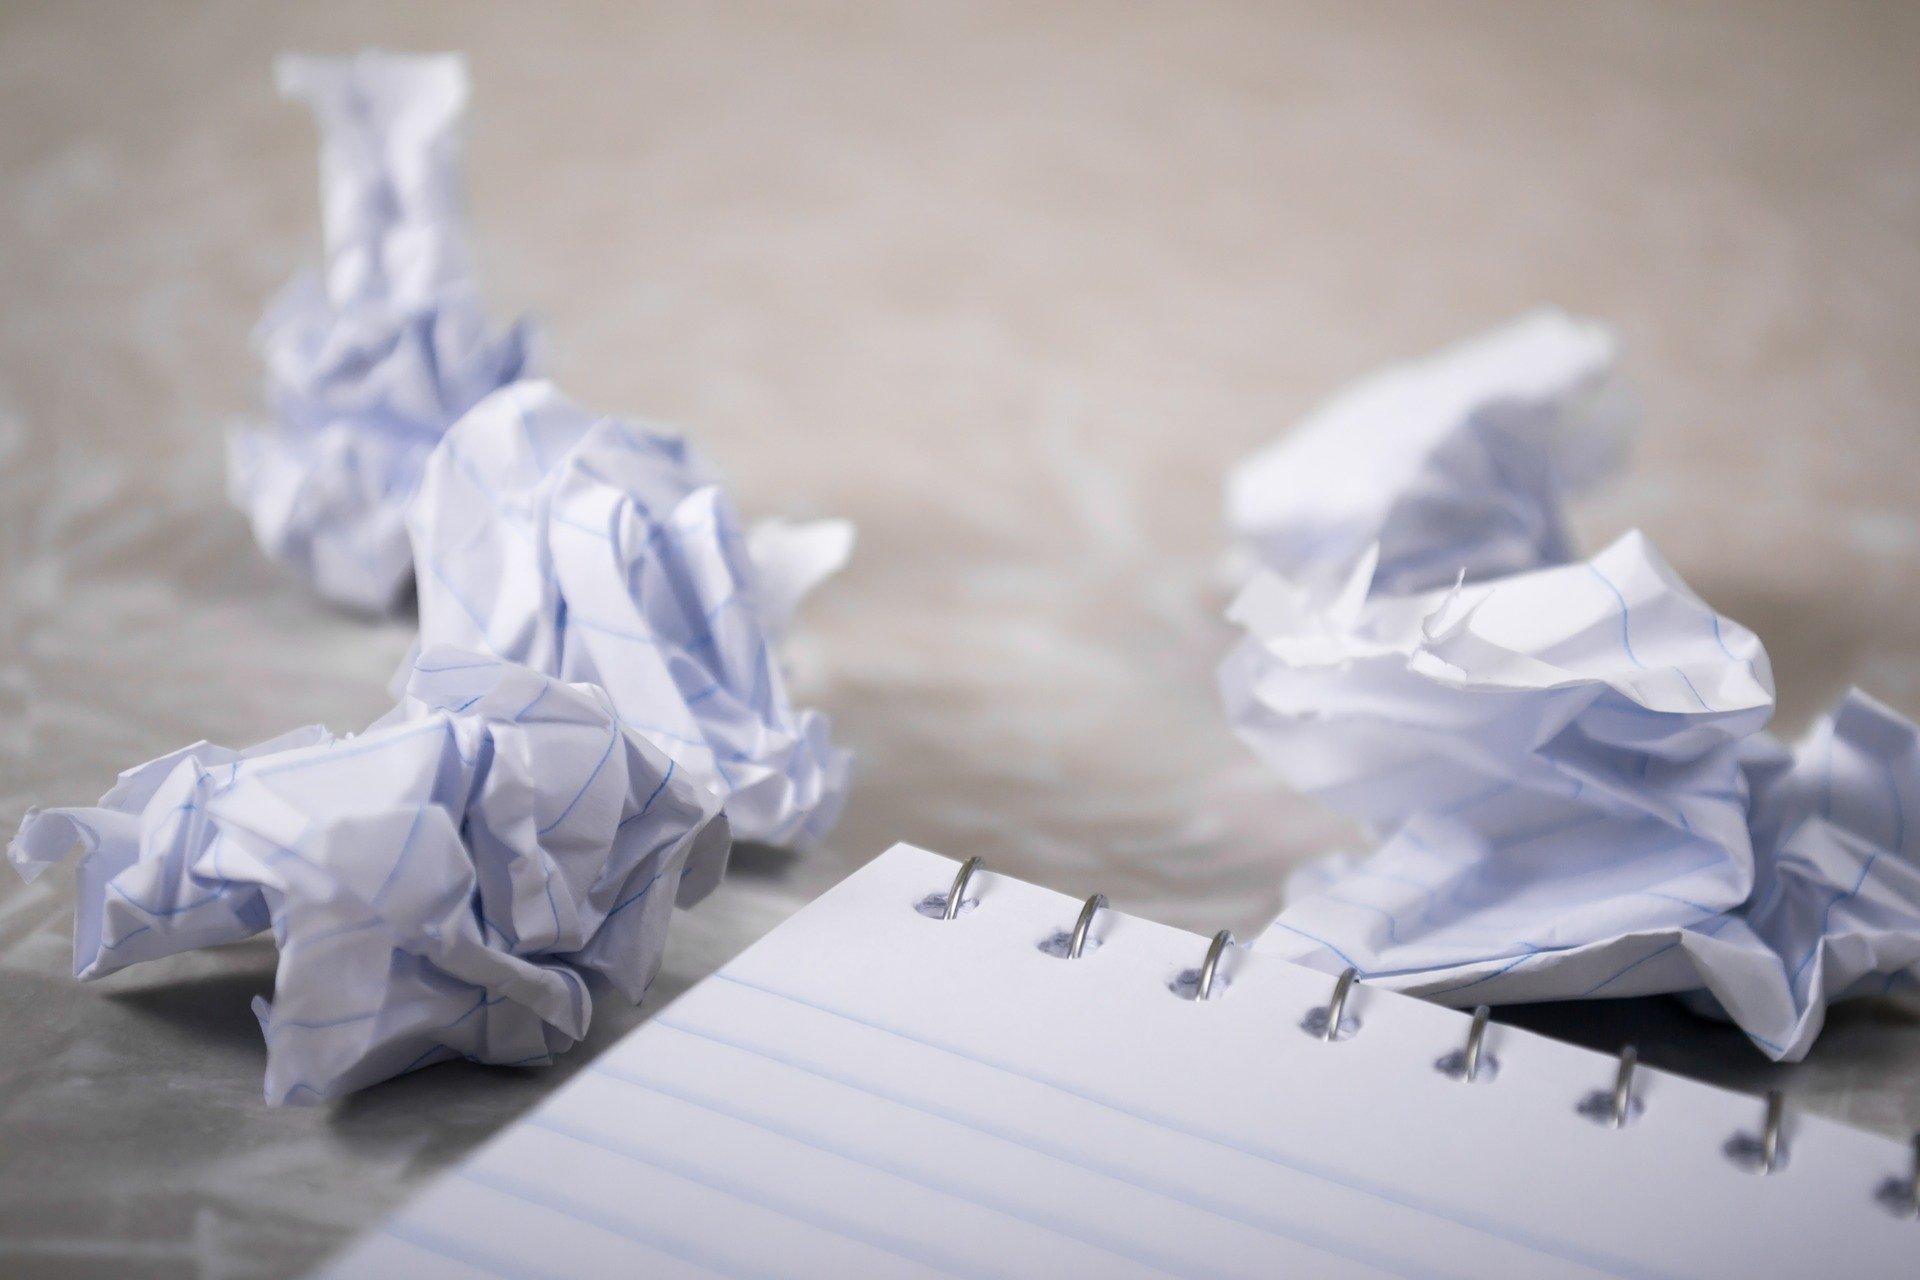 Comment dématérialiser les justificatifs de notes de frais ?